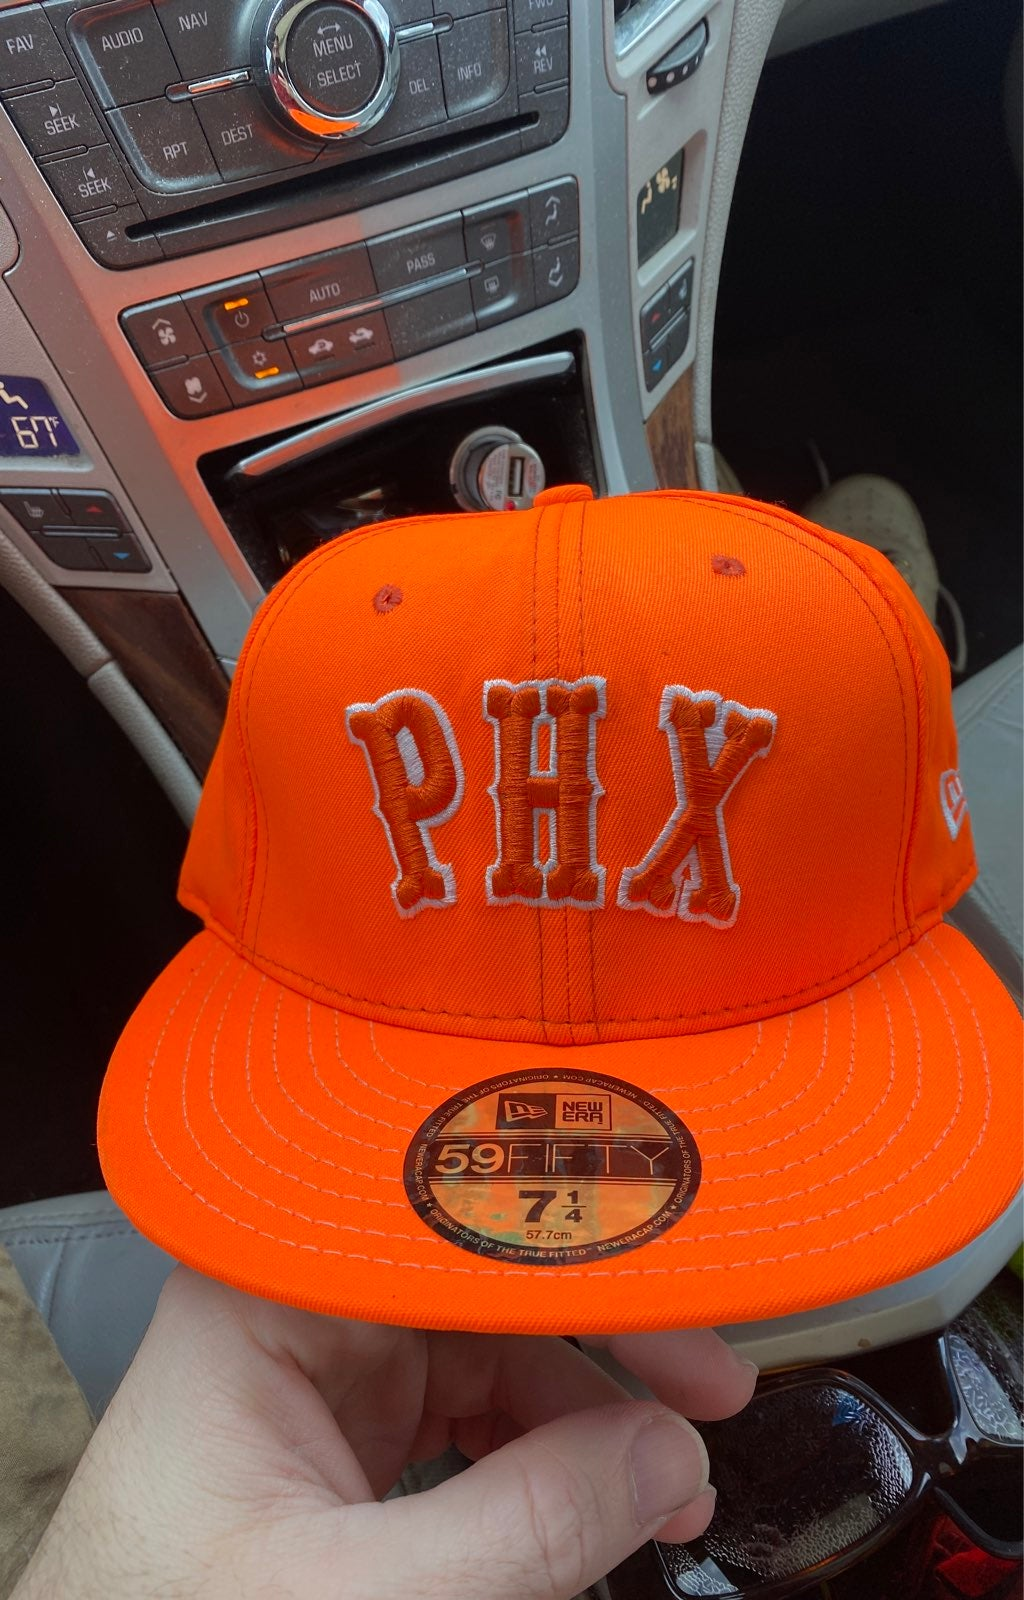 Nein orange phoenix suns Hat